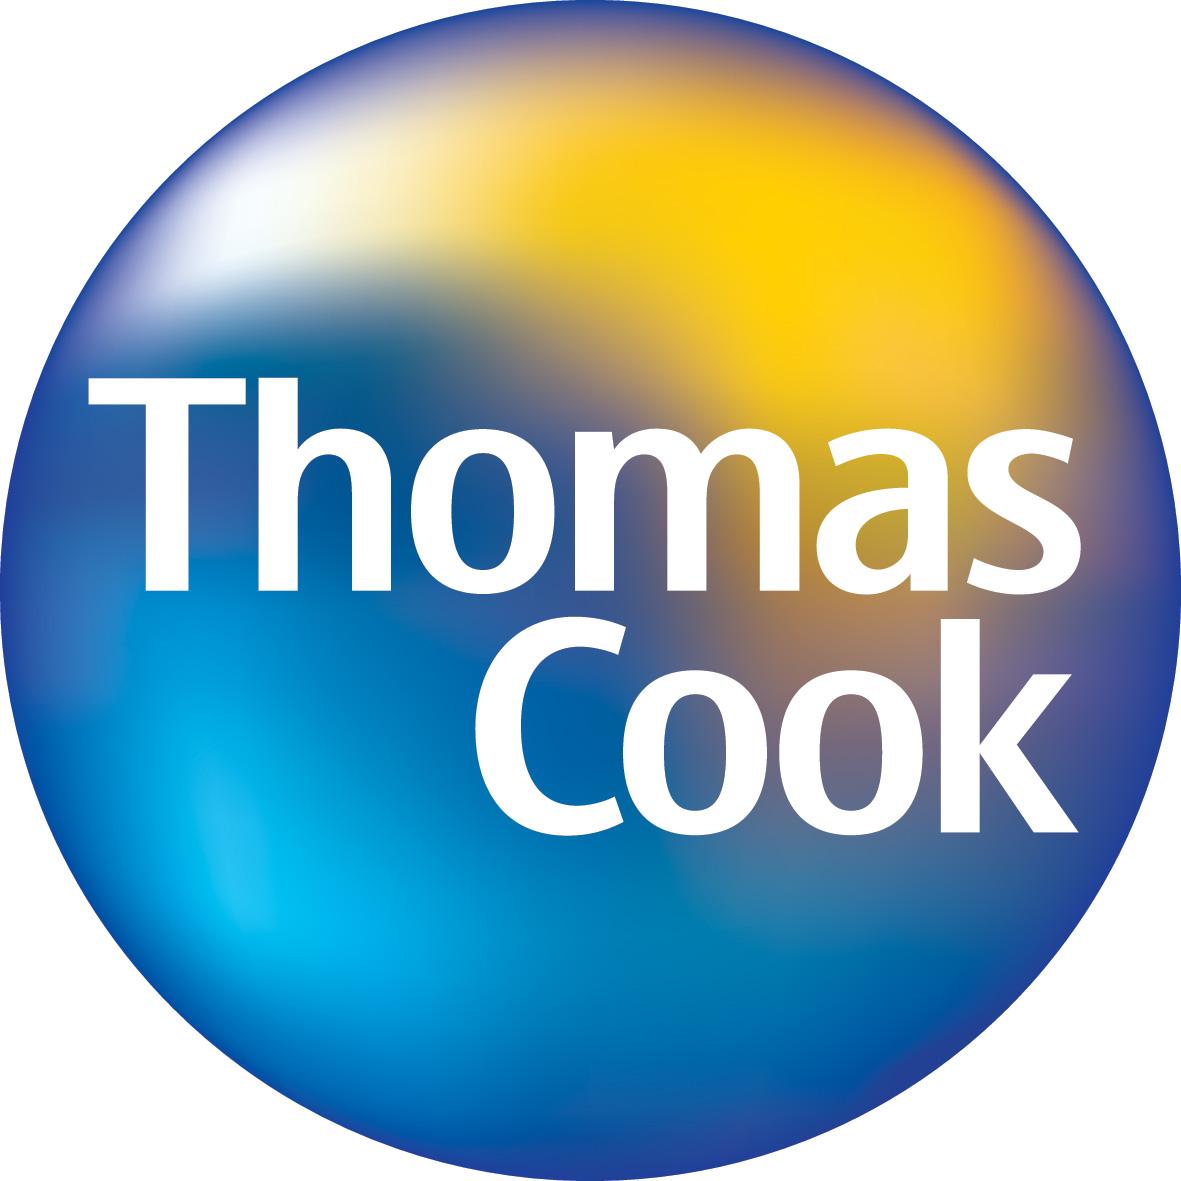 Thomas-cook-logo.jpg